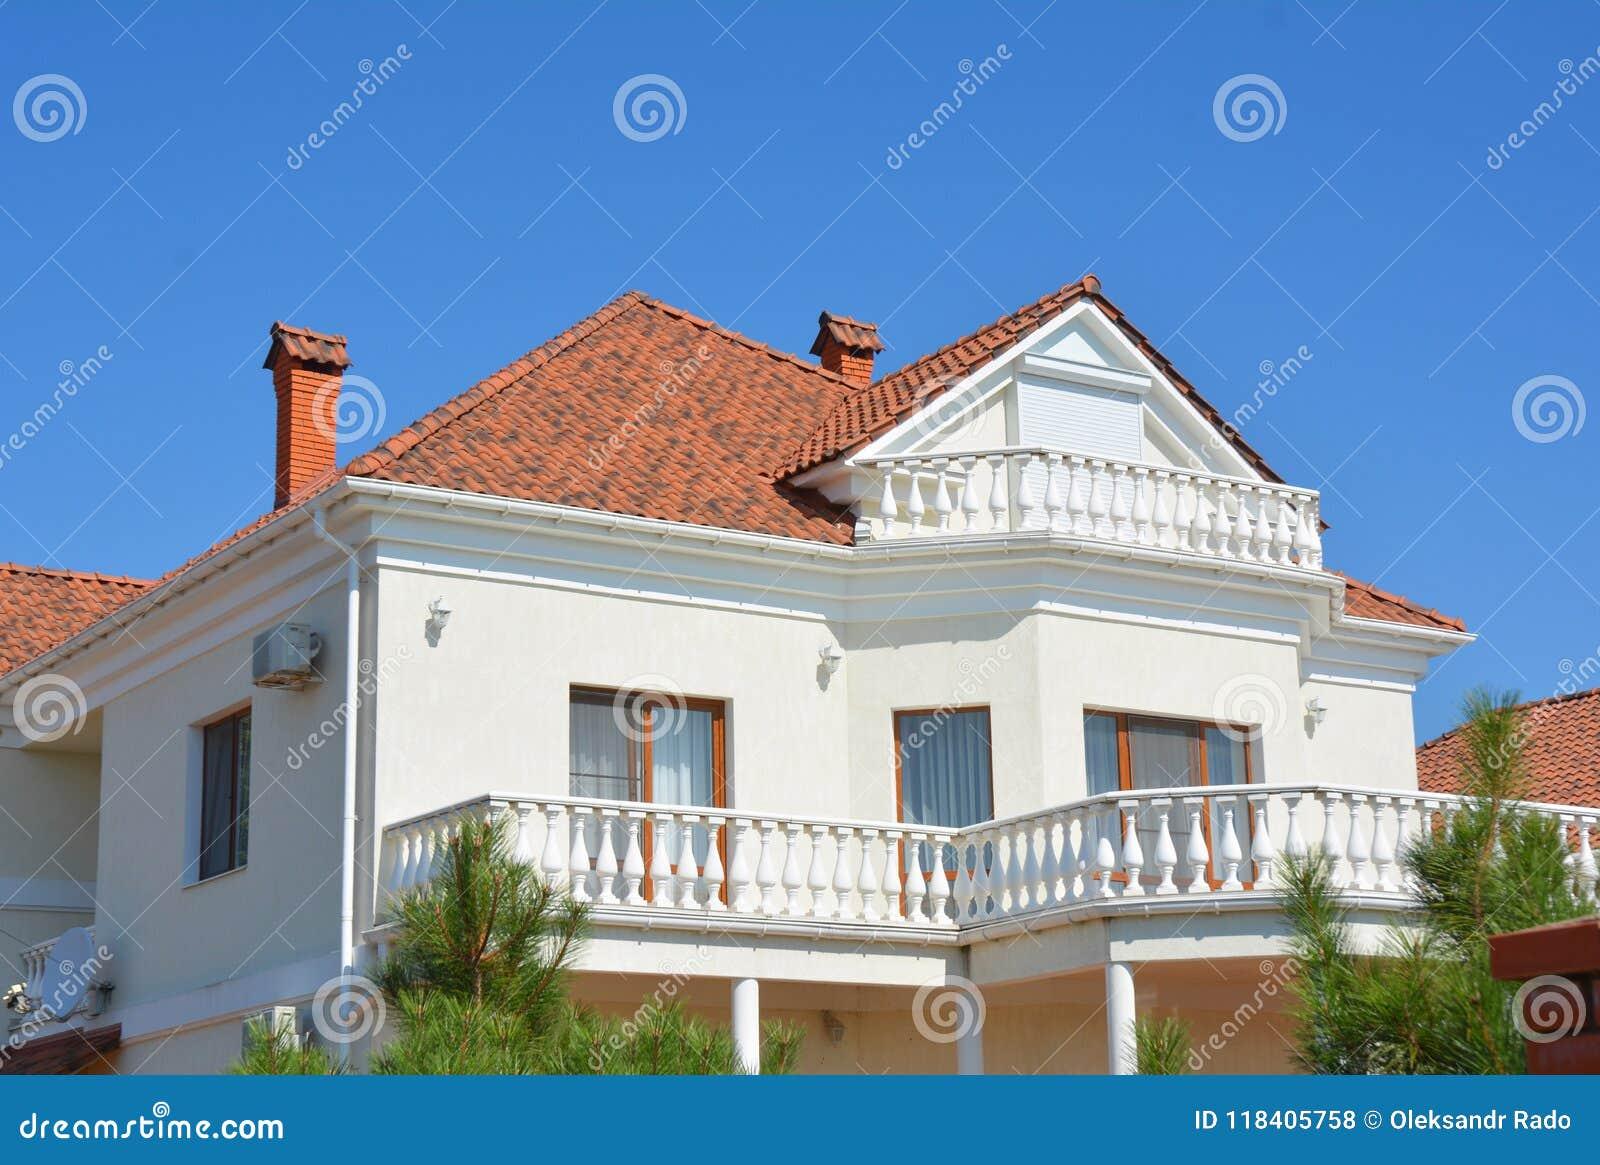 Σύγχρονο σπίτι πολυτέλειας με την αττική στέγη κεραμιδιών μπαλκονιών και αργίλου